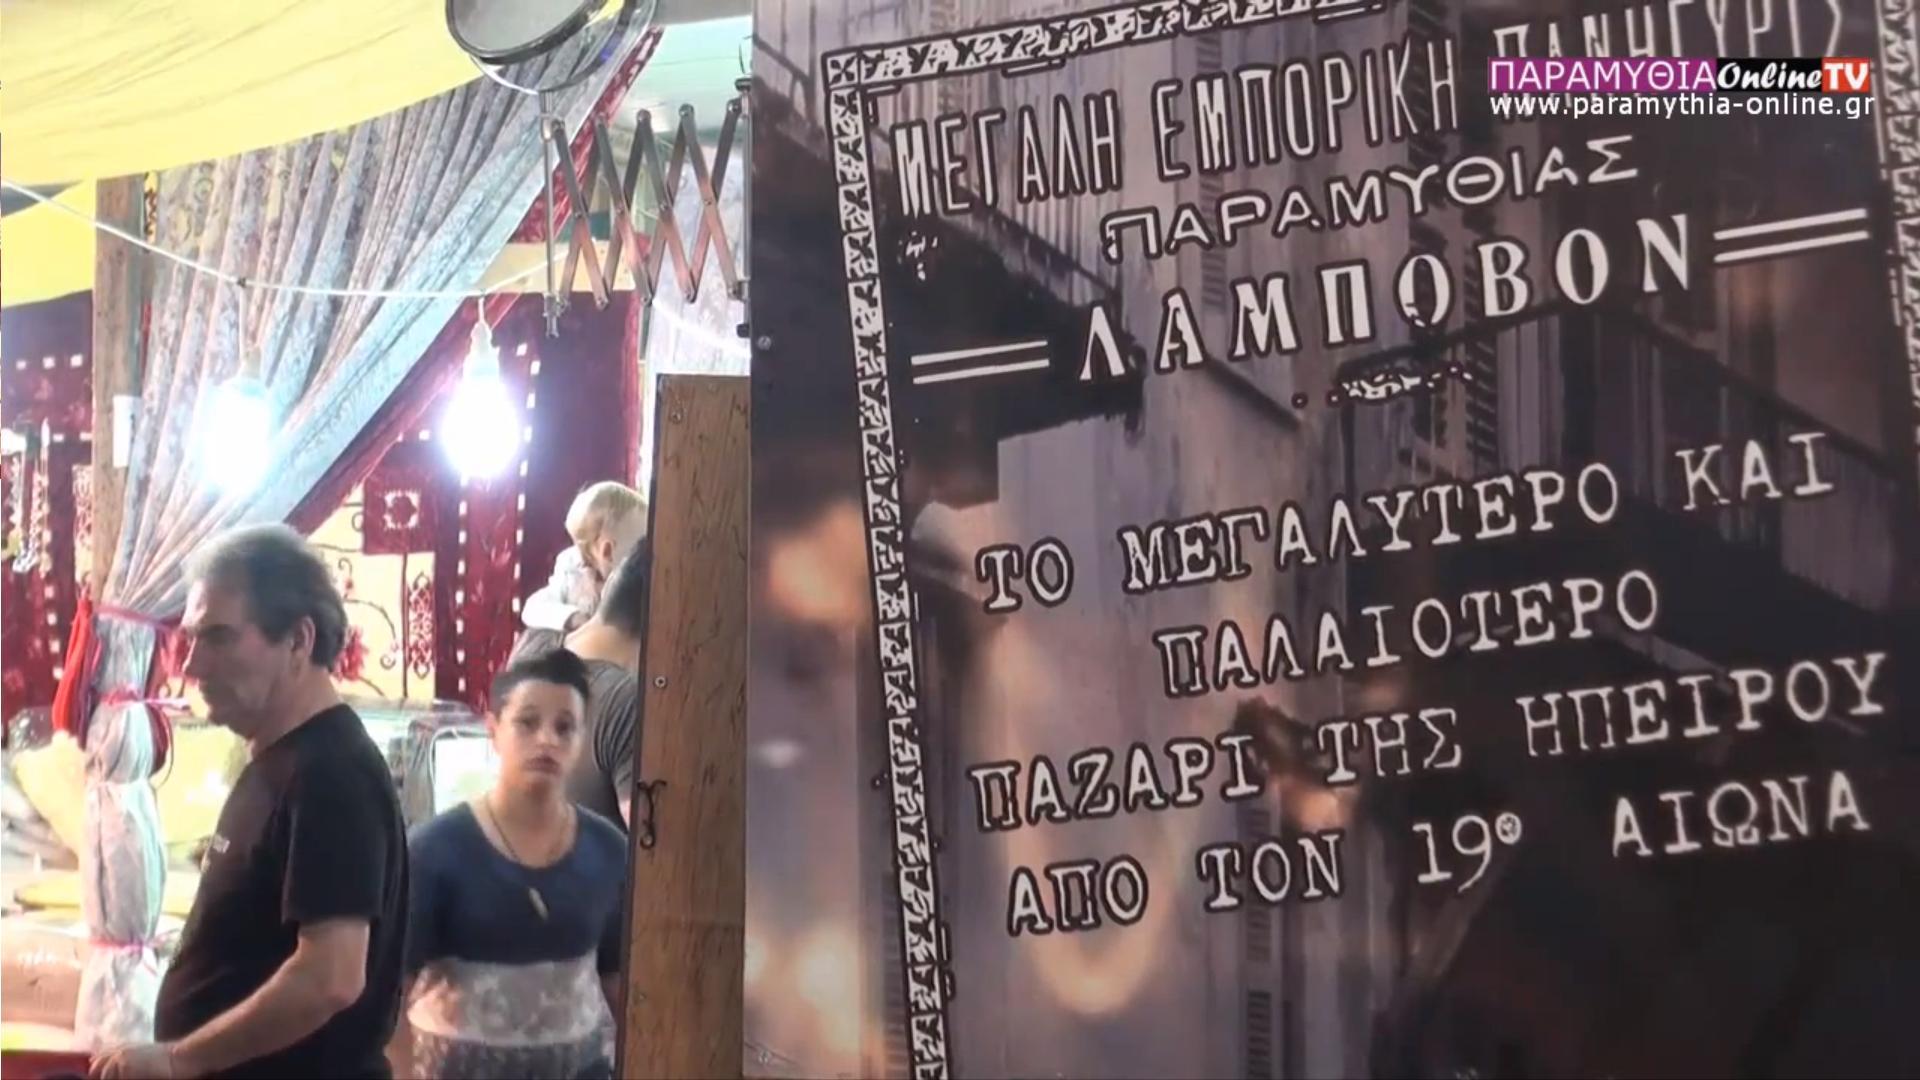 Θεσπρωτία: Άρχισαν οι προετοιμασίες για τον Λάμποβο. 430 θέσεις εμπόρων στον φετινό παζάρι. Αιτήσεις και δικαιολογητικά